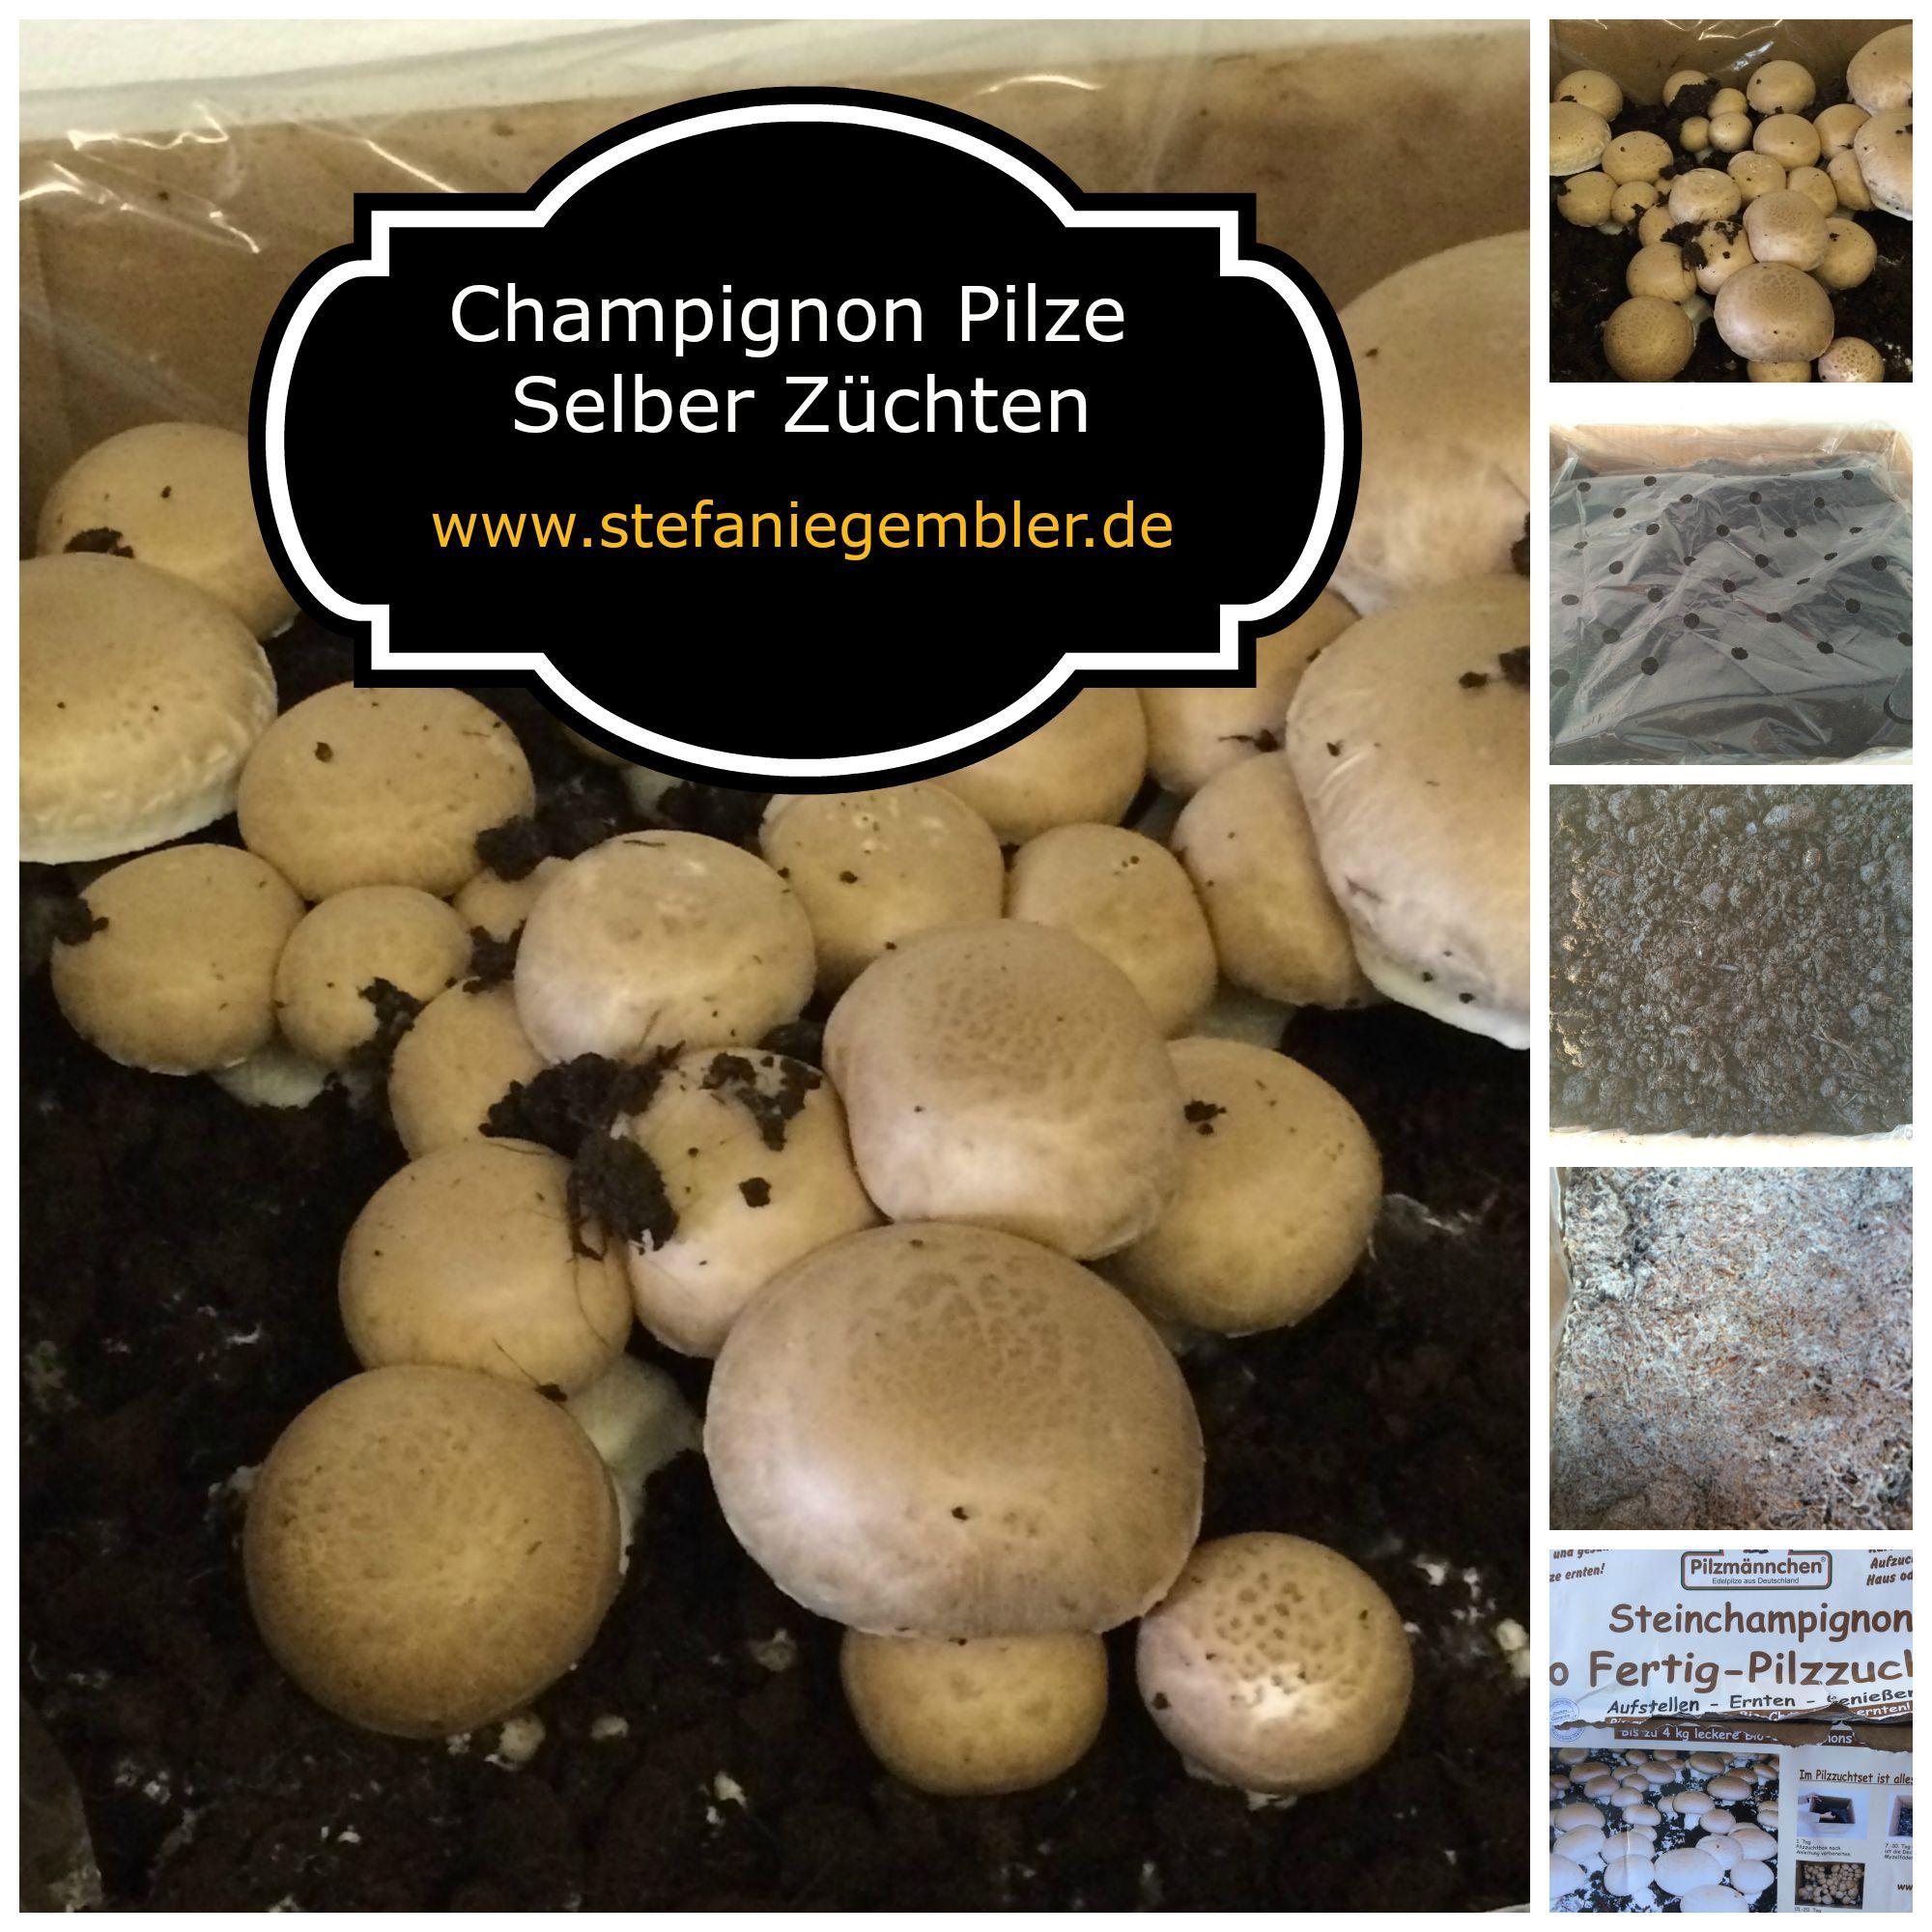 Champignon Pilze Selber Züchten | Garten | Pinterest Fleischfressende Pflanzen Zuhause Zuchten